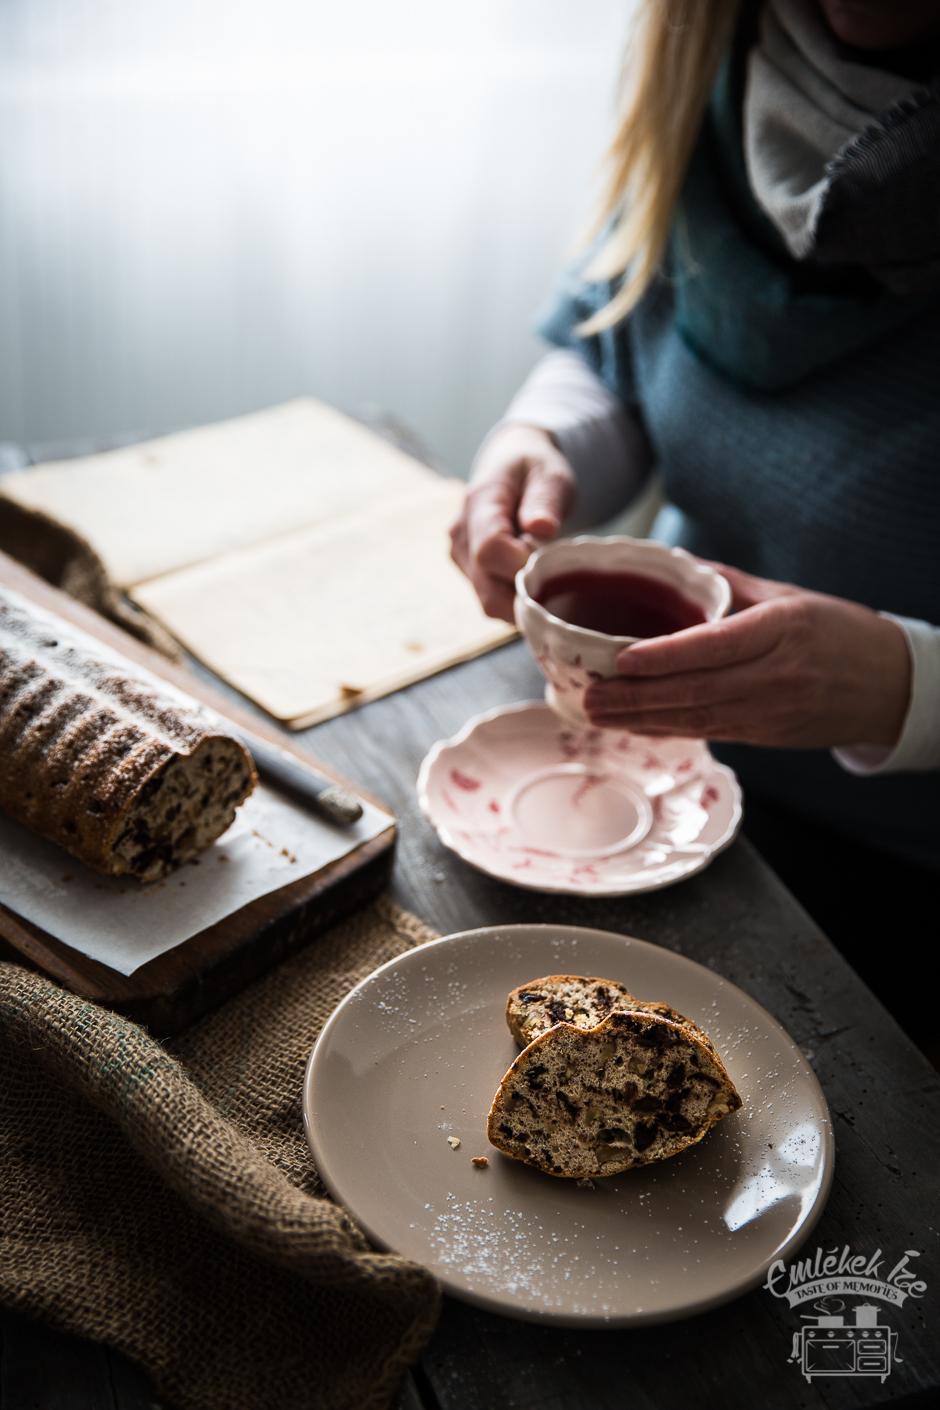 püspökkenyér az Emlékek Íze konyhájából www.emlekekize.hu